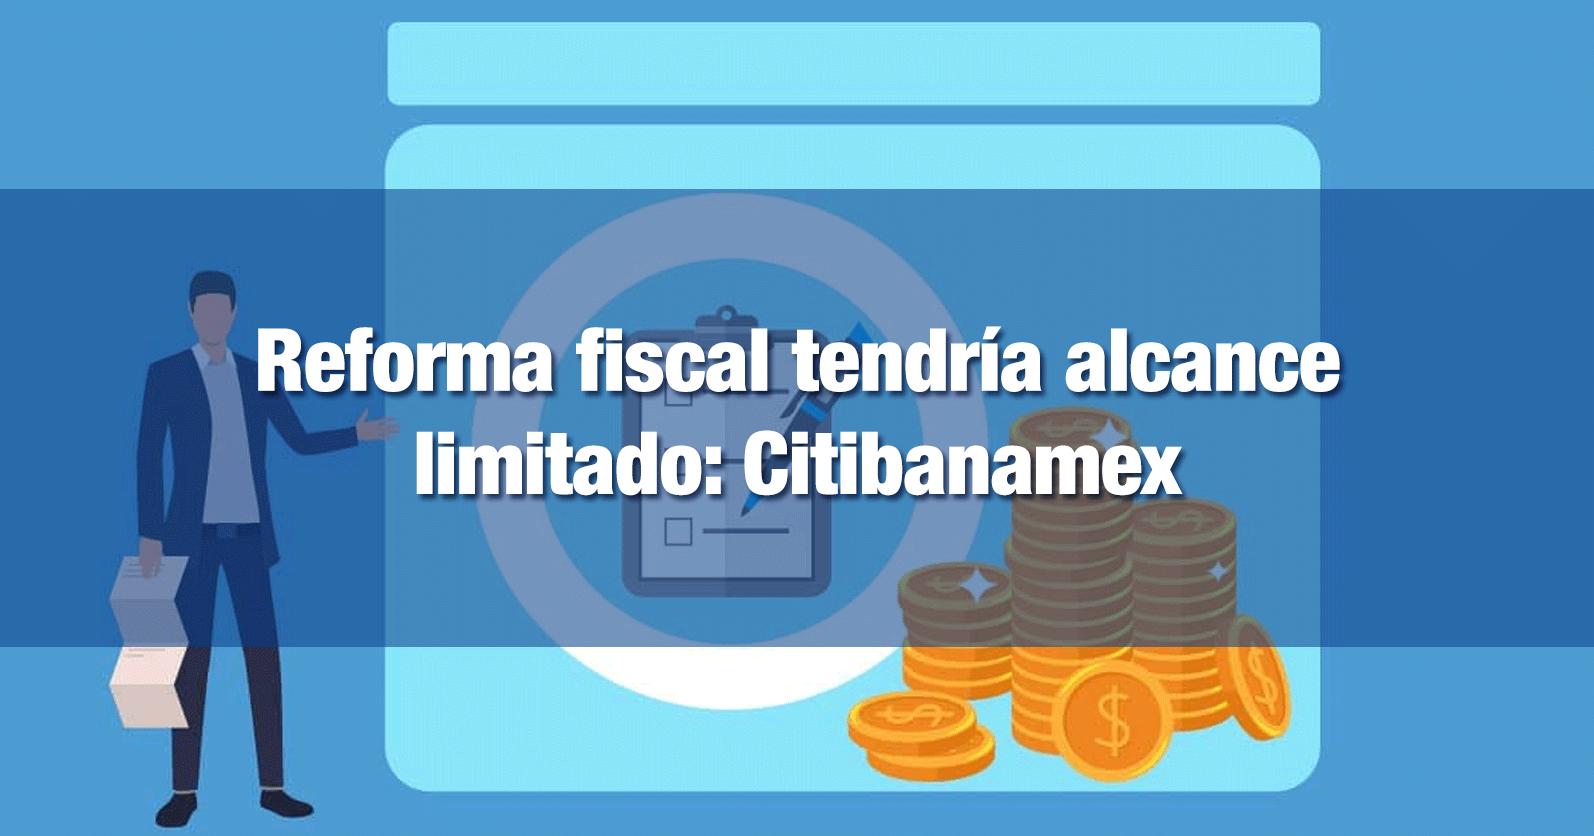 Reforma fiscal tendría alcance limitado: Citibanamex